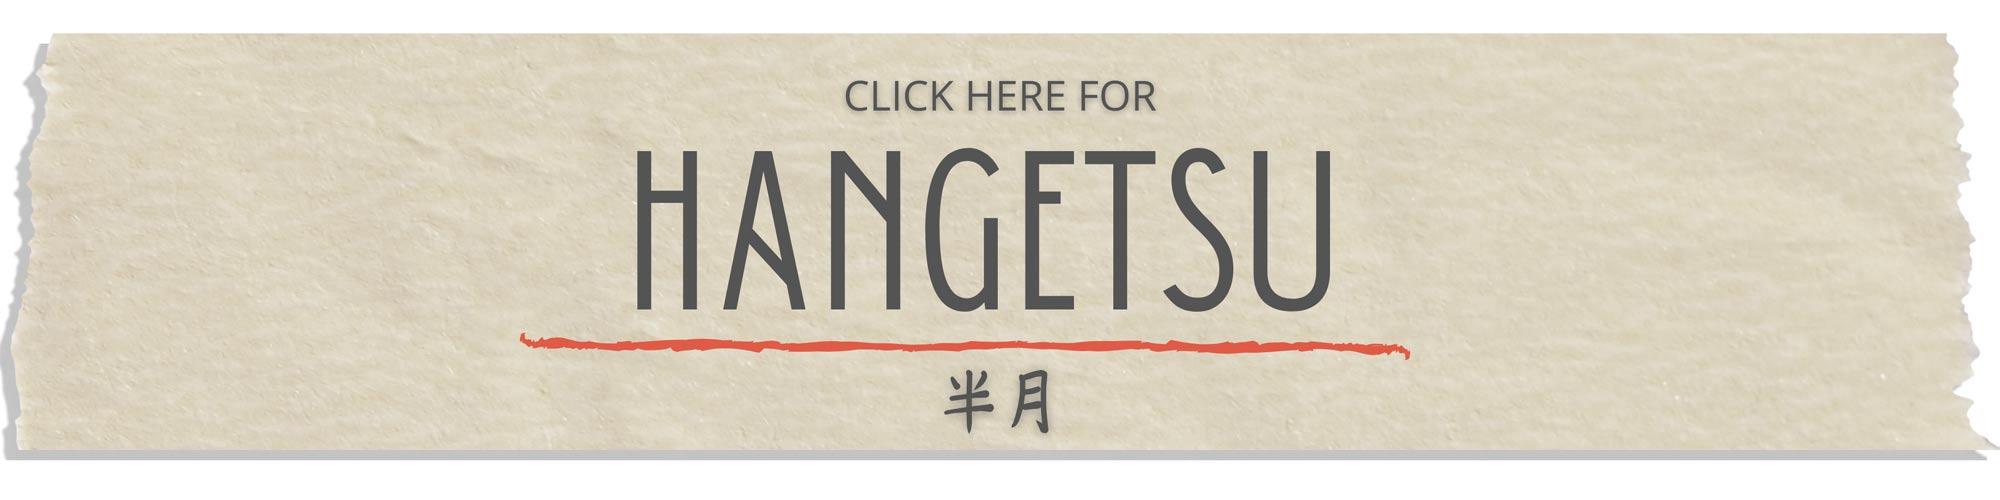 hangetsu